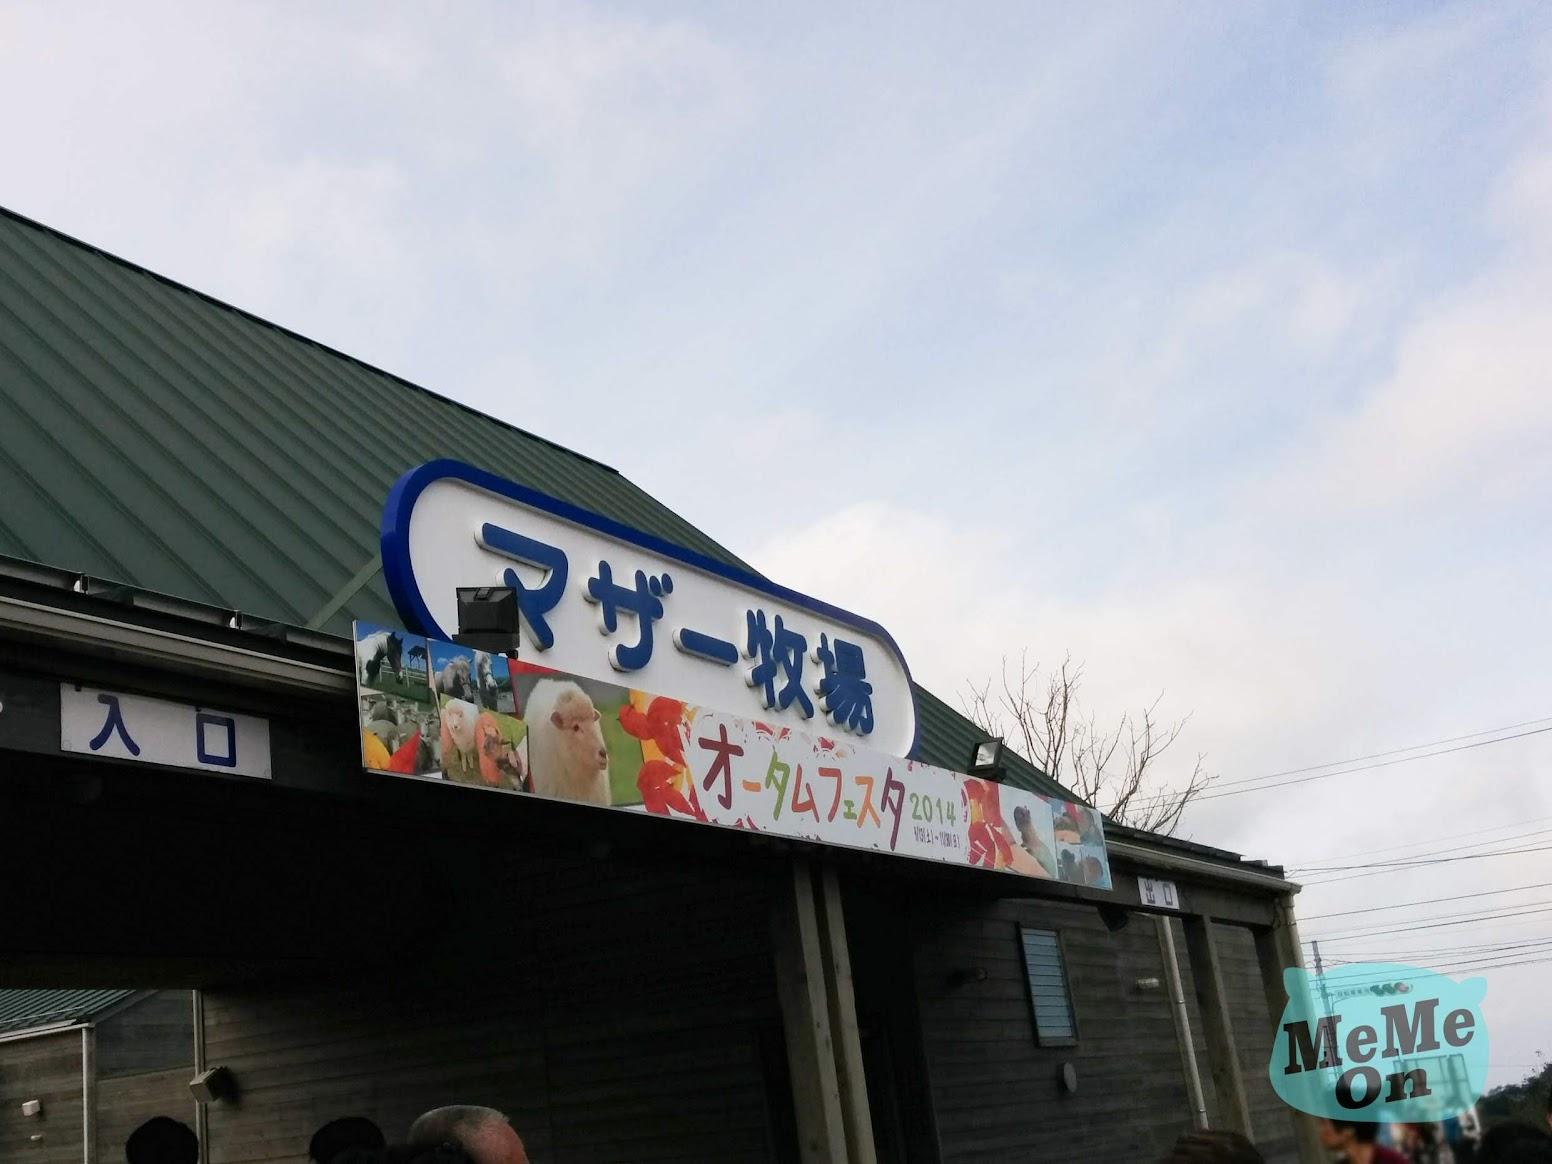 日本傳奇樂團 X JAPAN  朝聖之旅ー 千葉 母親牧場 ( マザー牧場 )